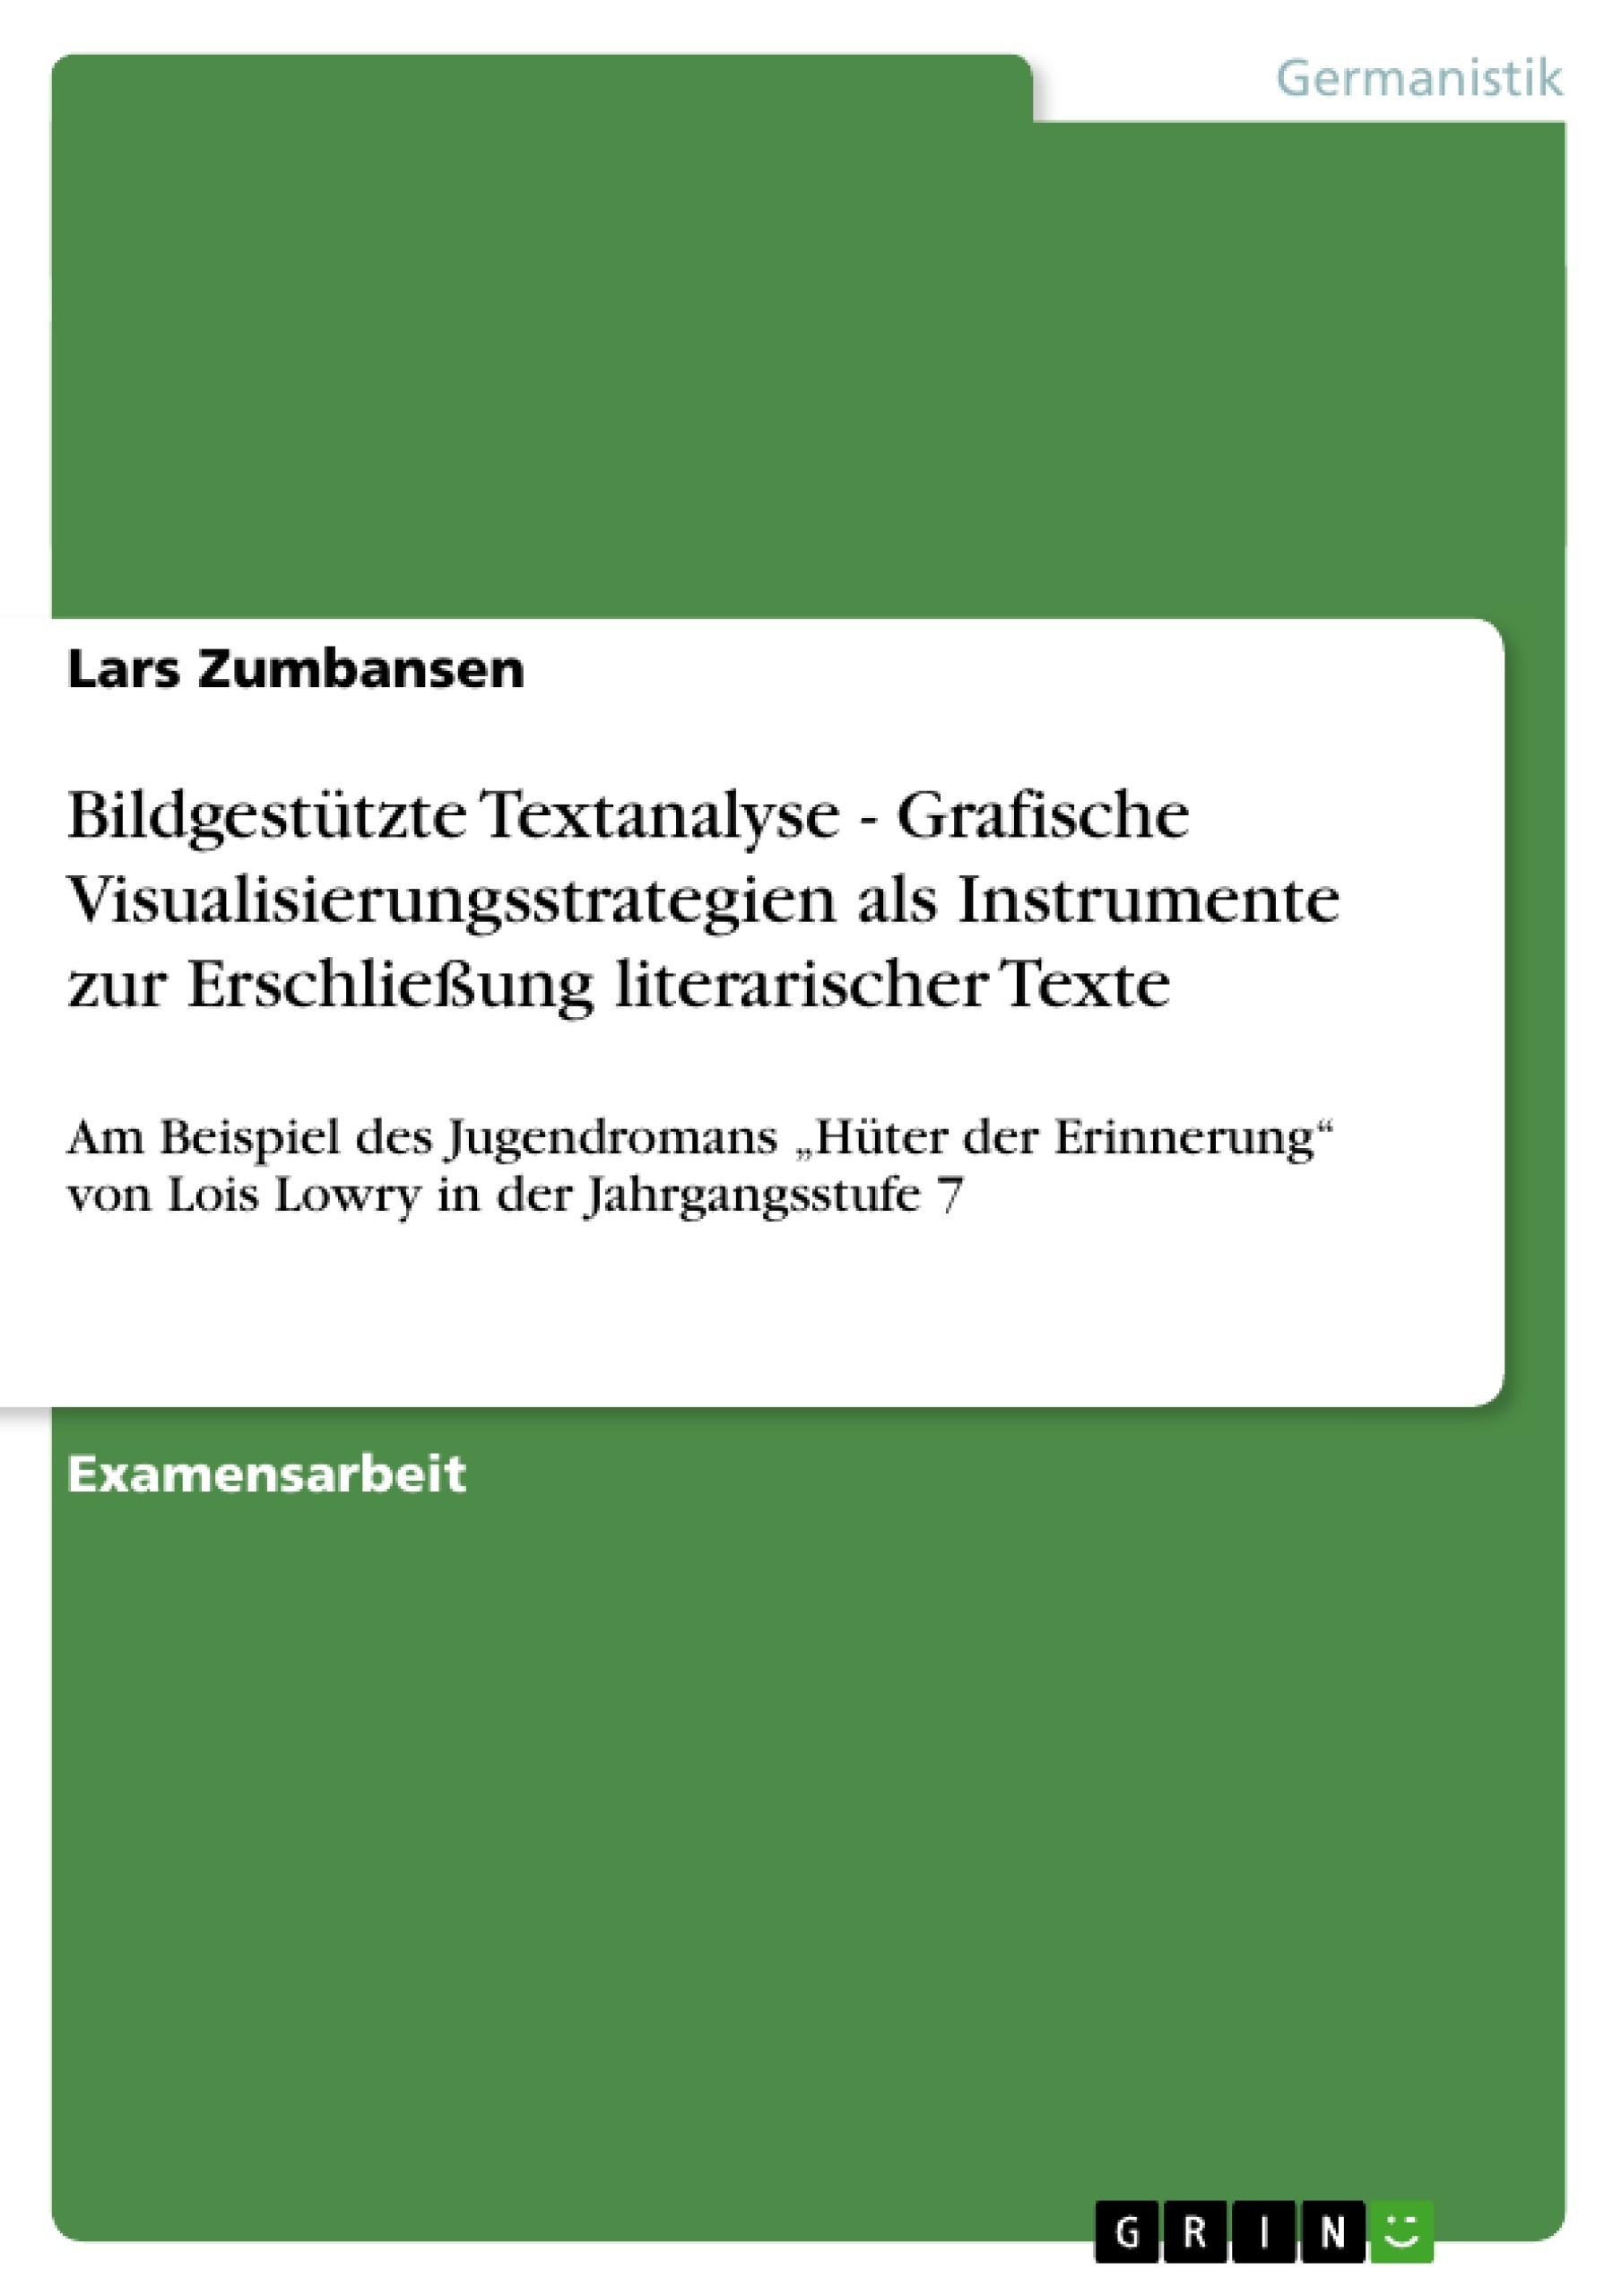 Titel: Bildgestützte Textanalyse - Grafische Visualisierungsstrategien als Instrumente zur Erschließung literarischer Texte